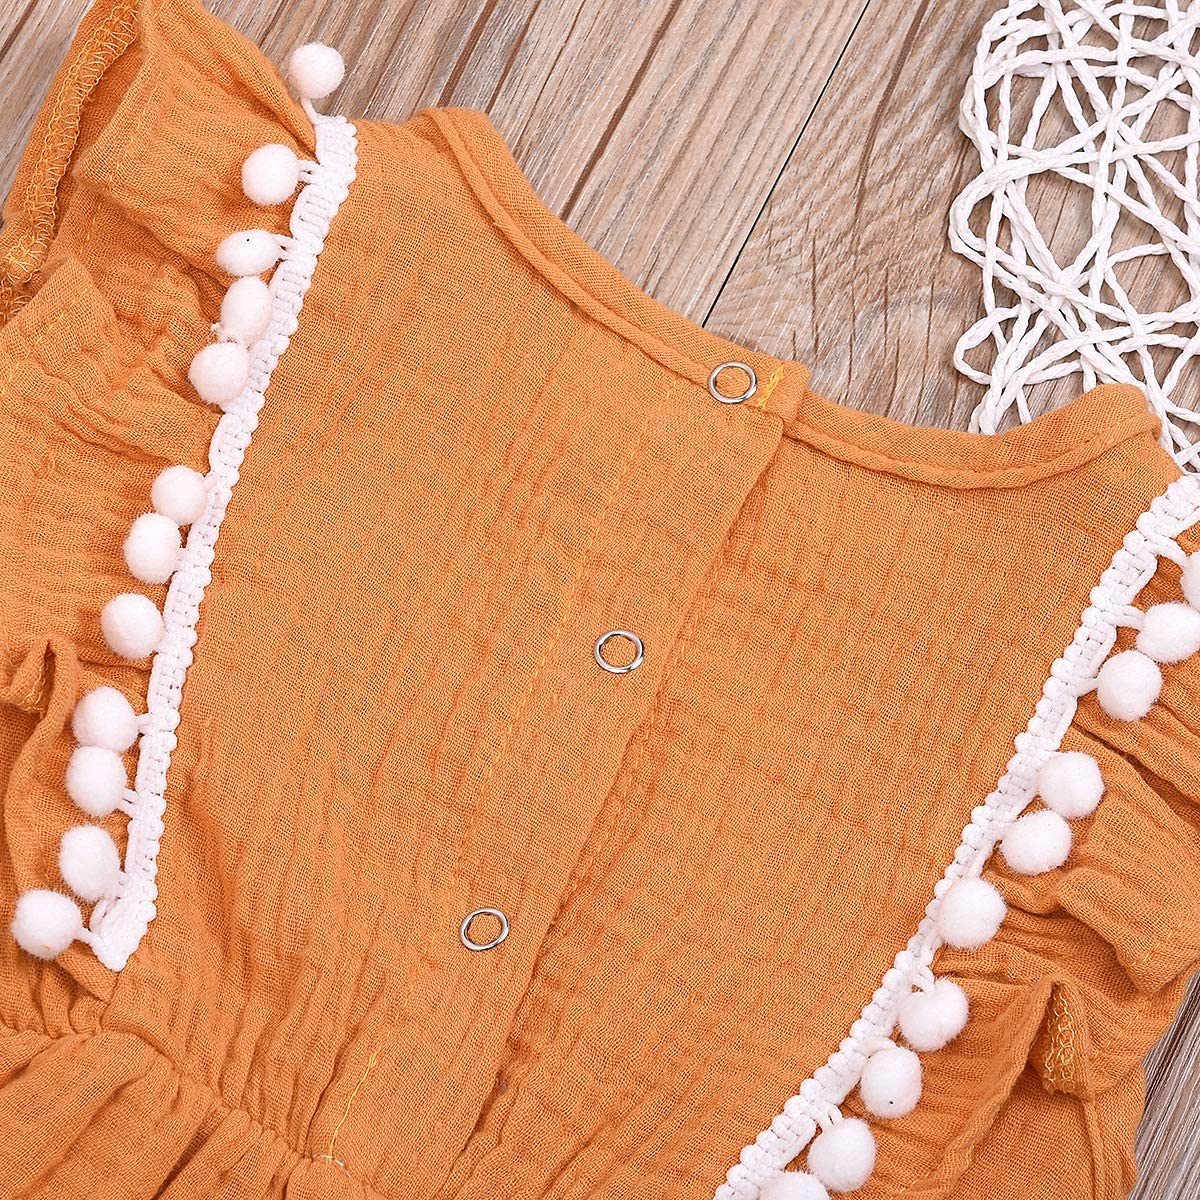 YOUNGER TREE Toddler Baby Girl Linen Ruffle Tassels Sleeveless Tutu Dress Sundress Beach Summer Outfits Clothes